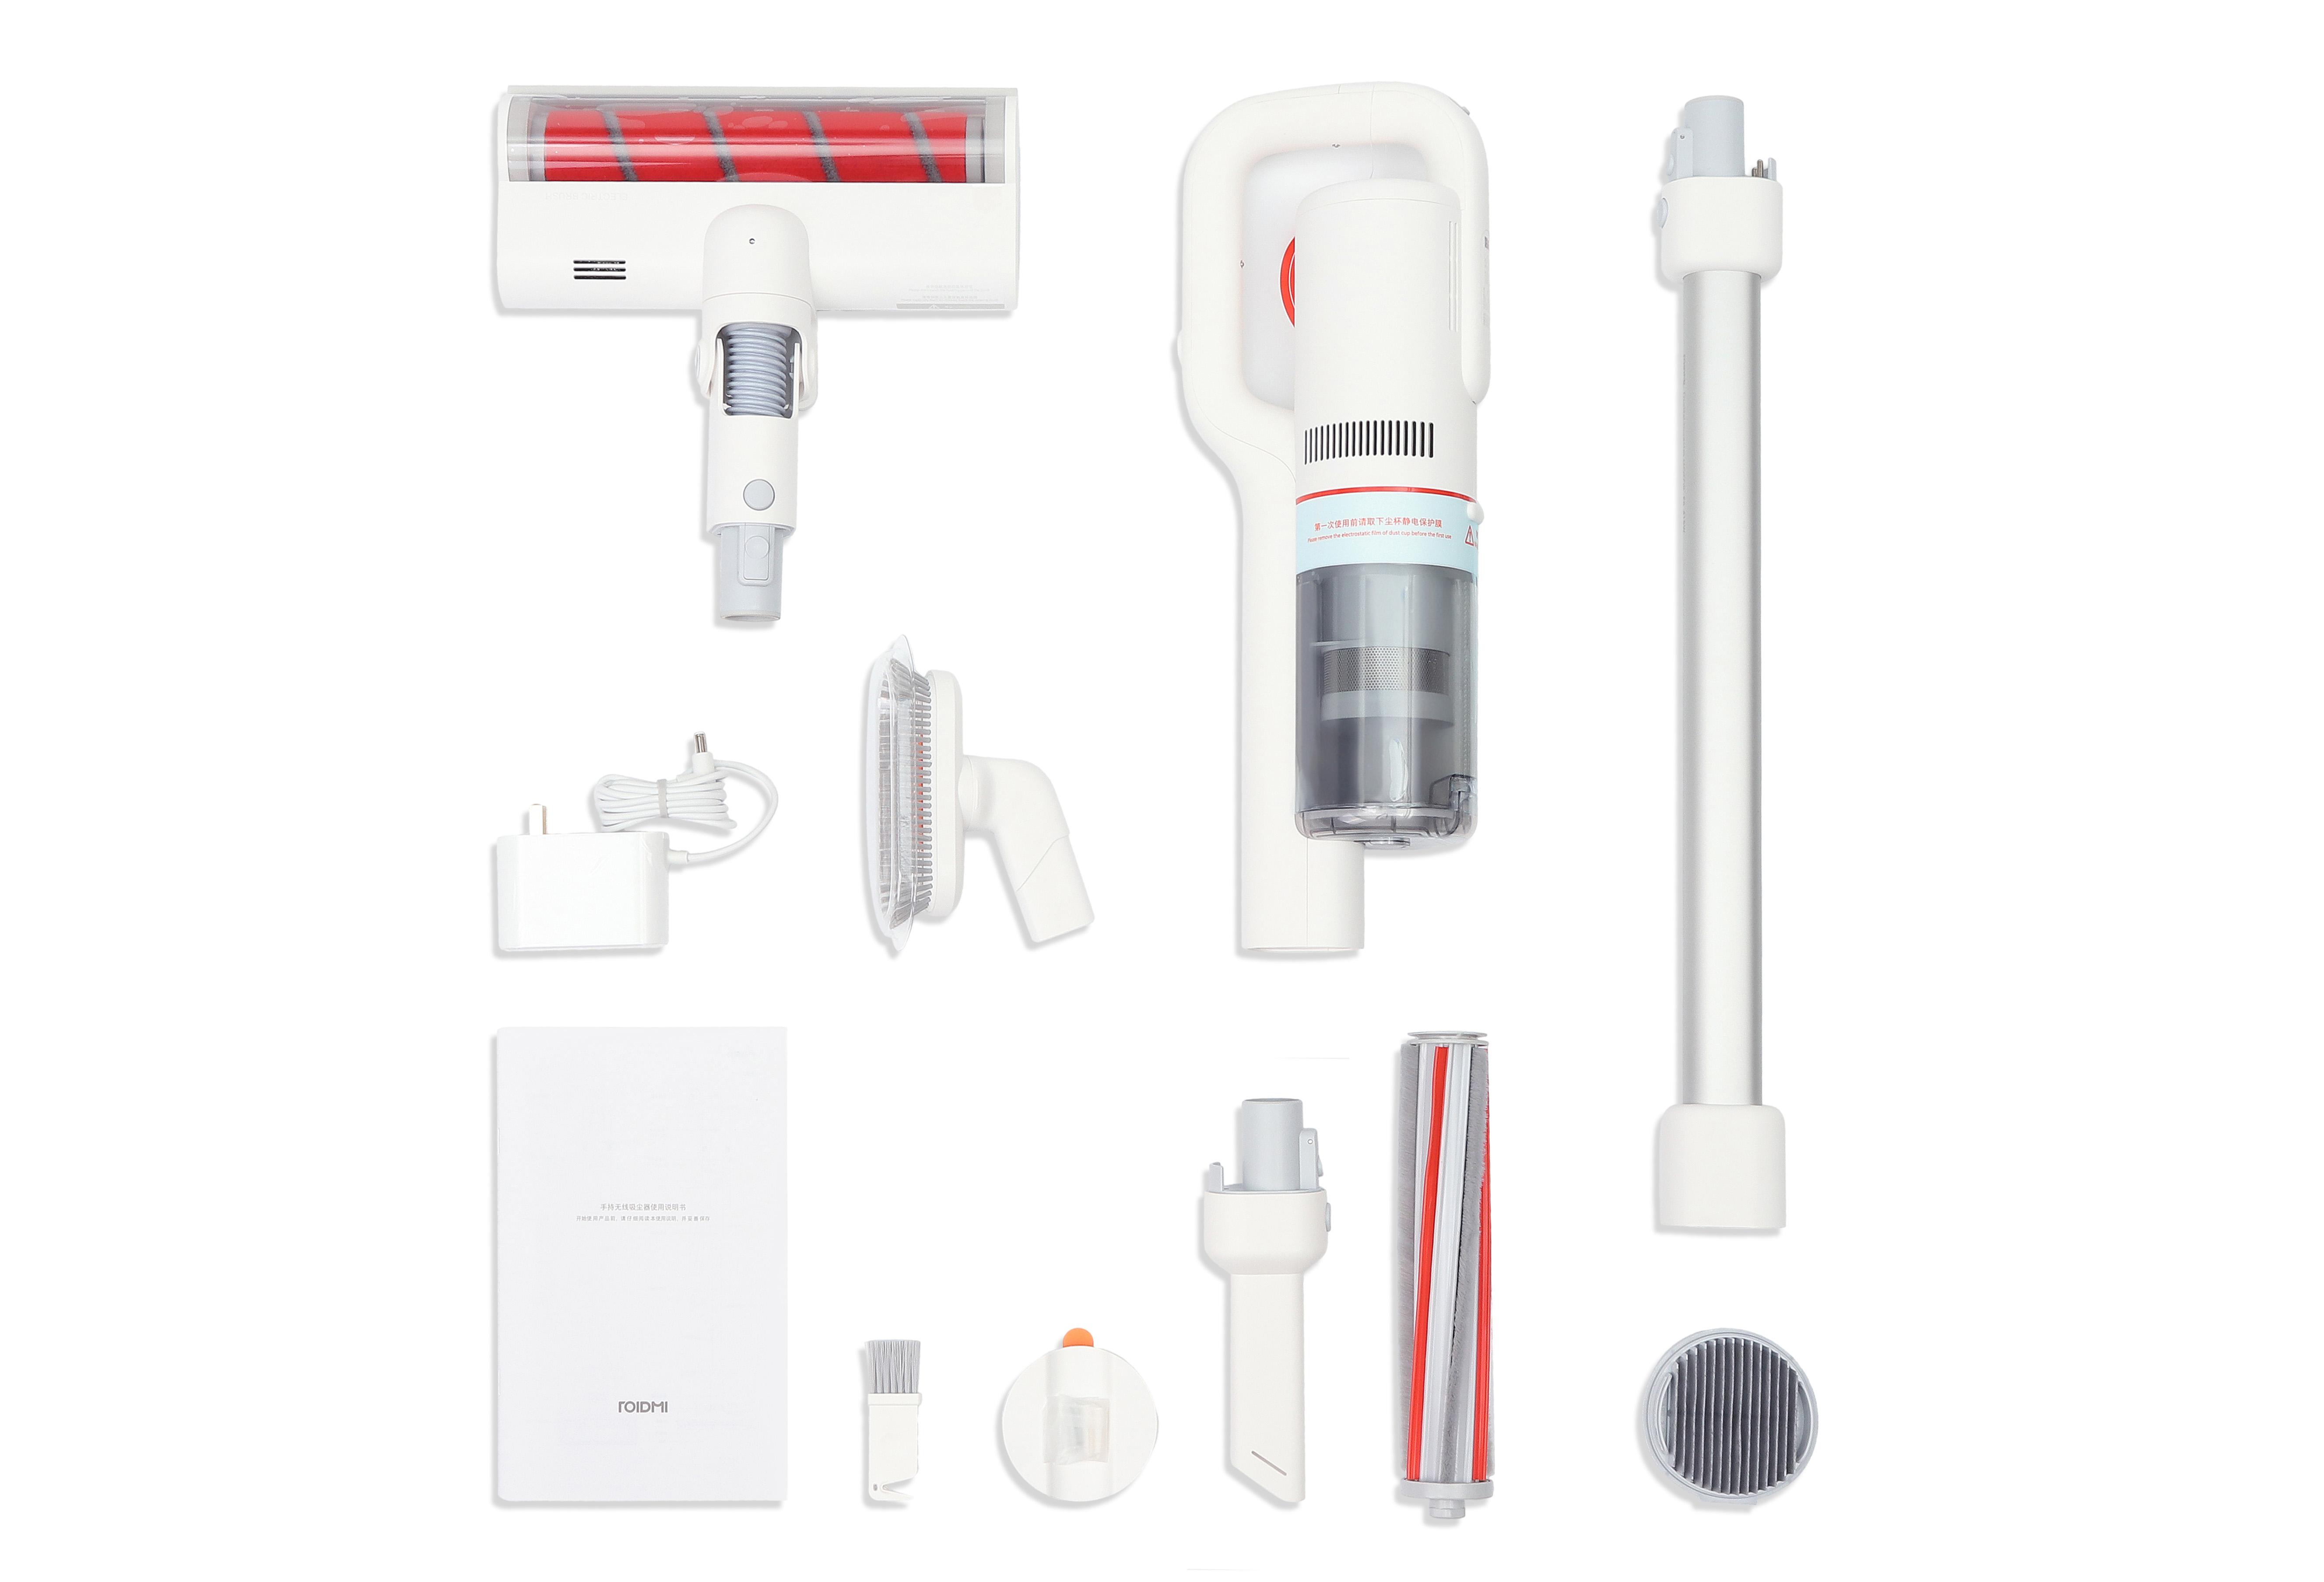 Original Roidmi F8 Cordless Stick Vacuum Cleaner